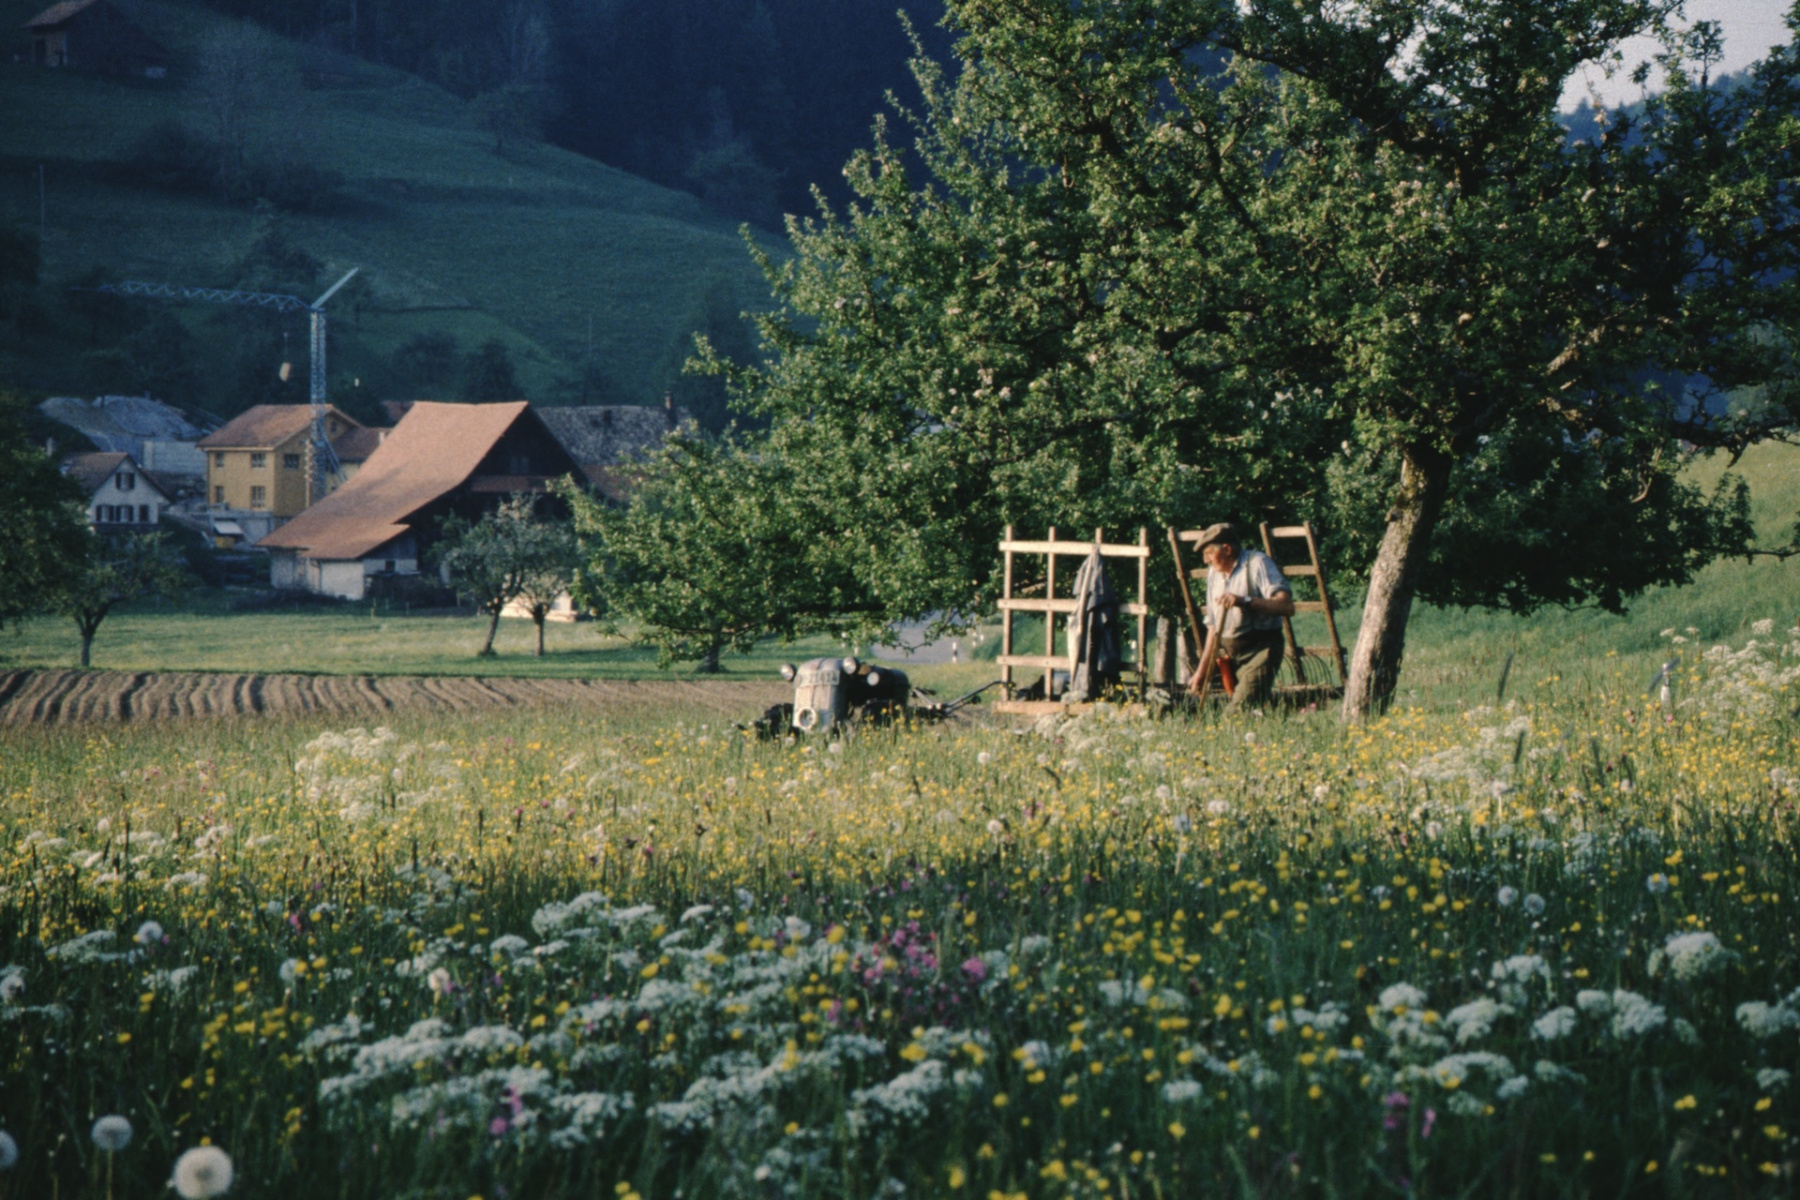 Bei Bettswil, Fritz Walder beim Grasen